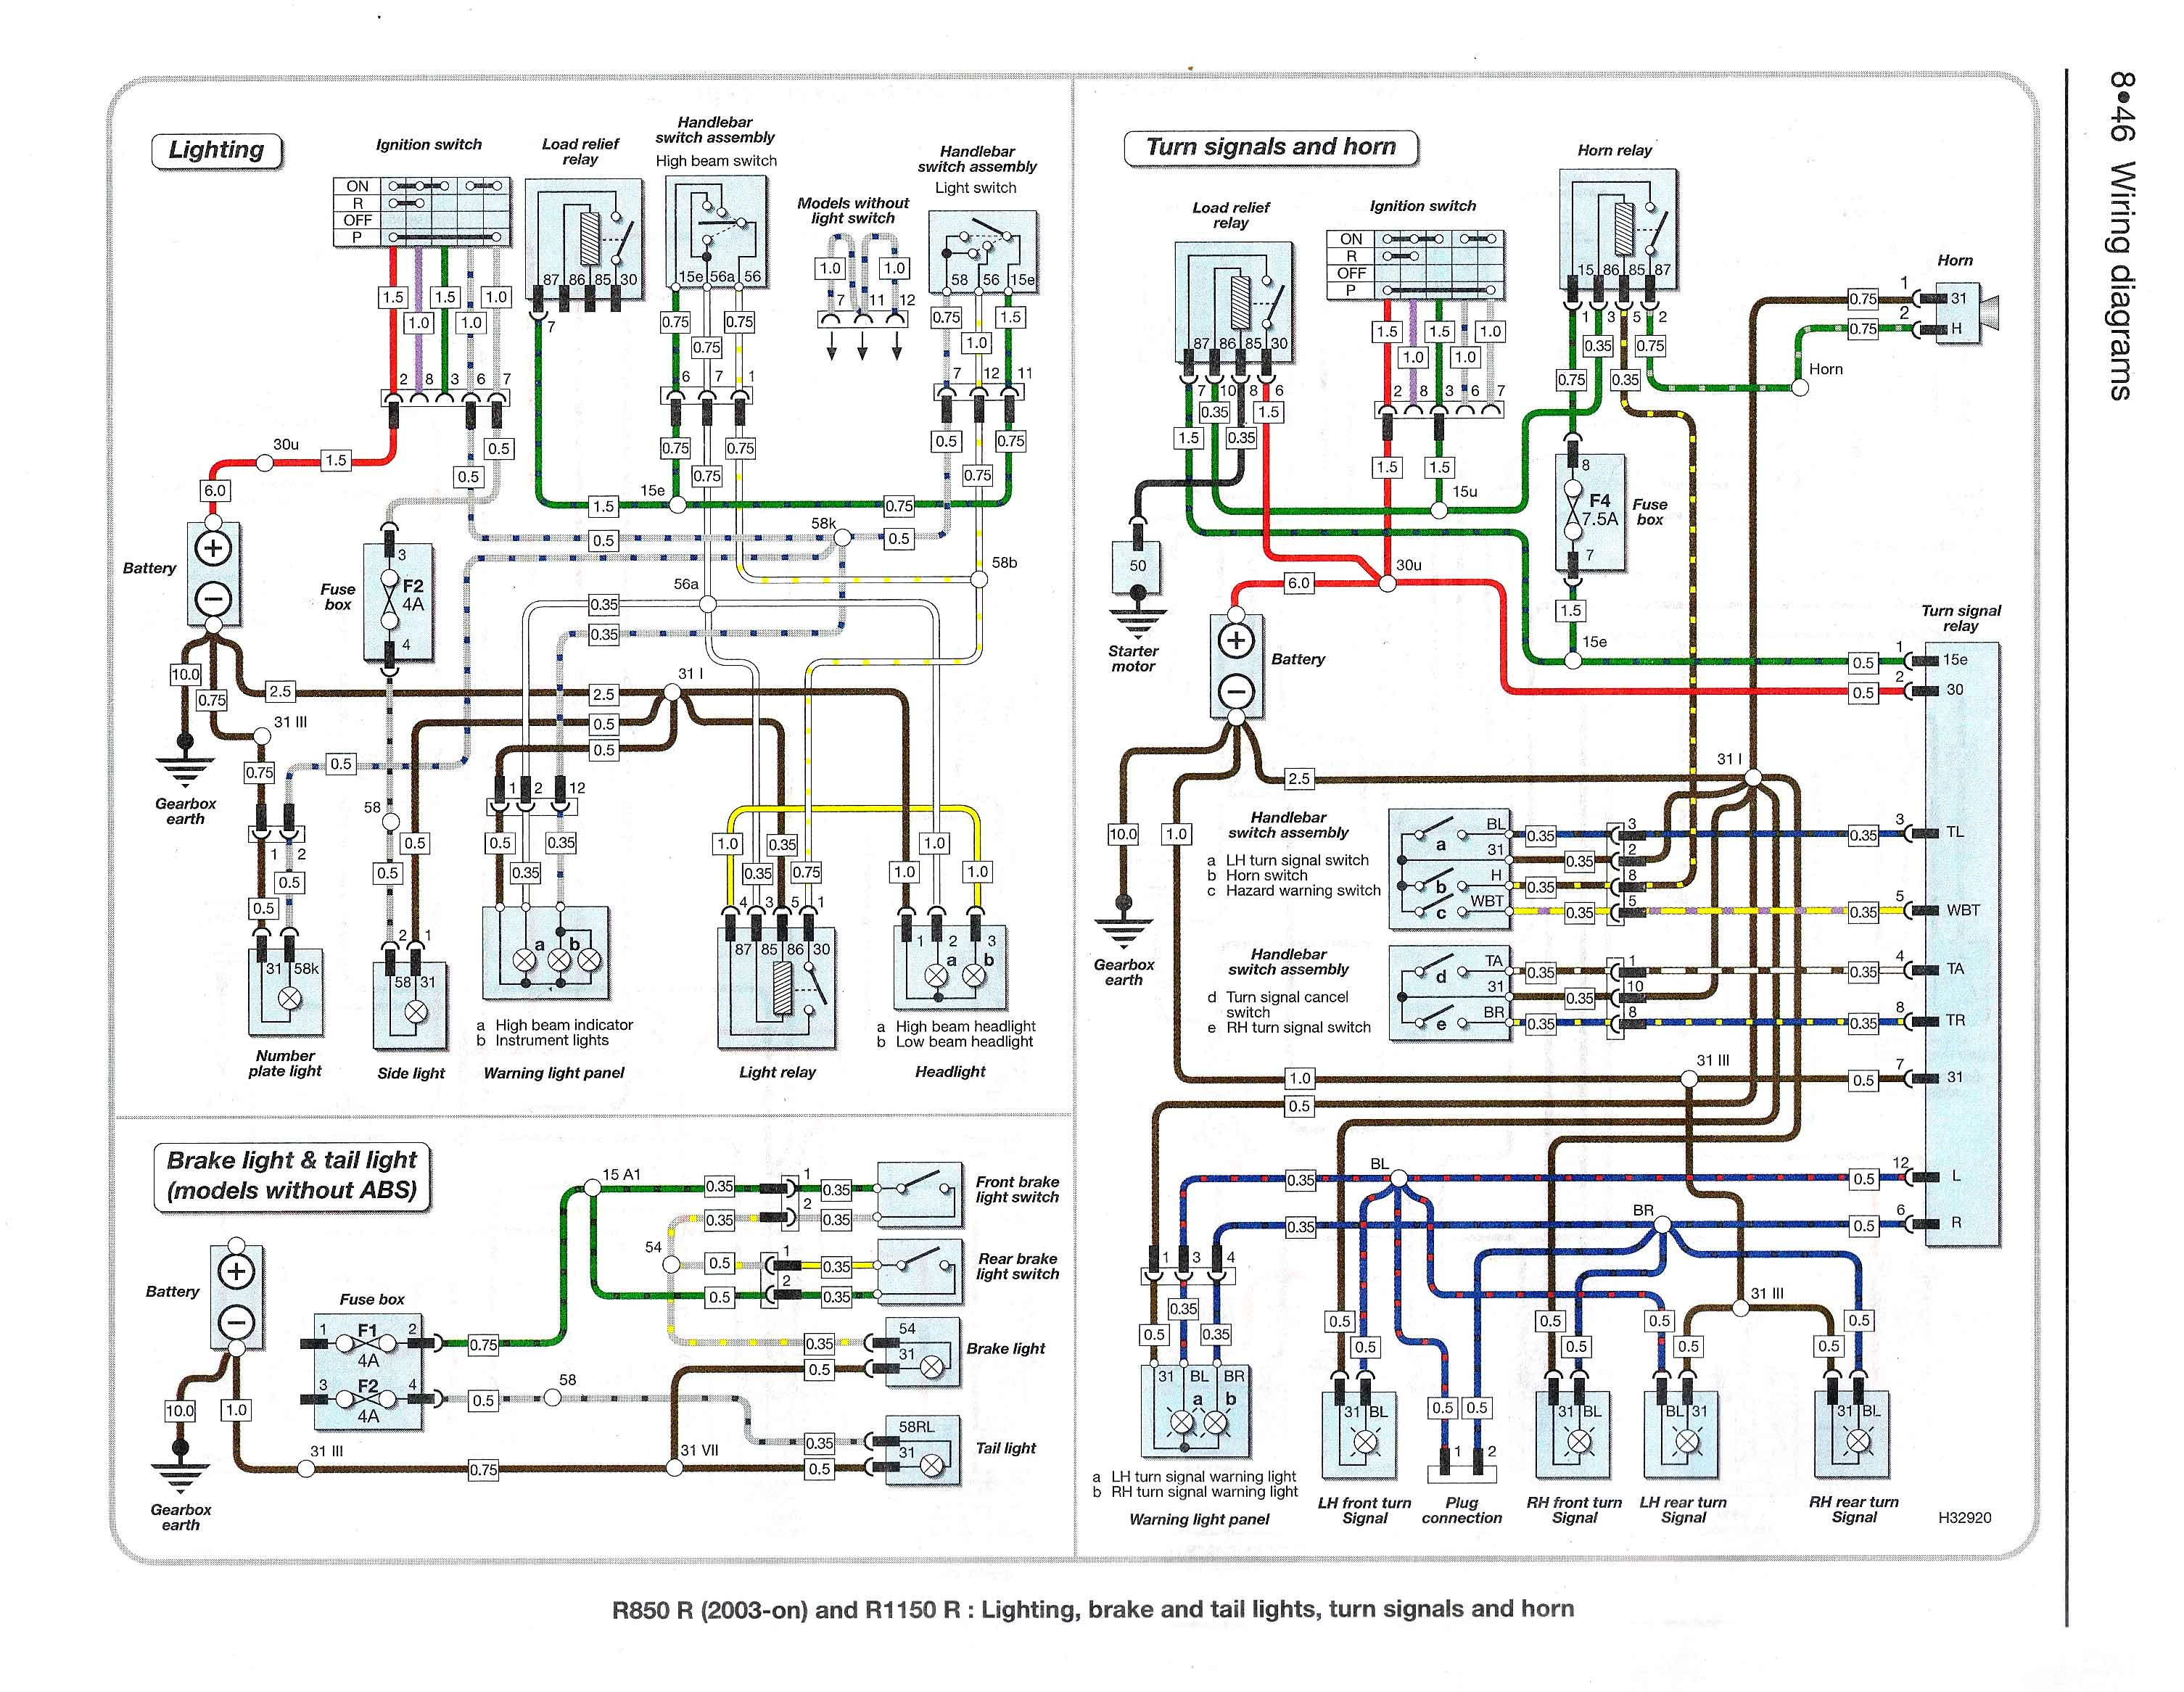 Schema Elettrico Bmw K75 : Schema elettrico r r r r quellidellelica forum bmw moto il